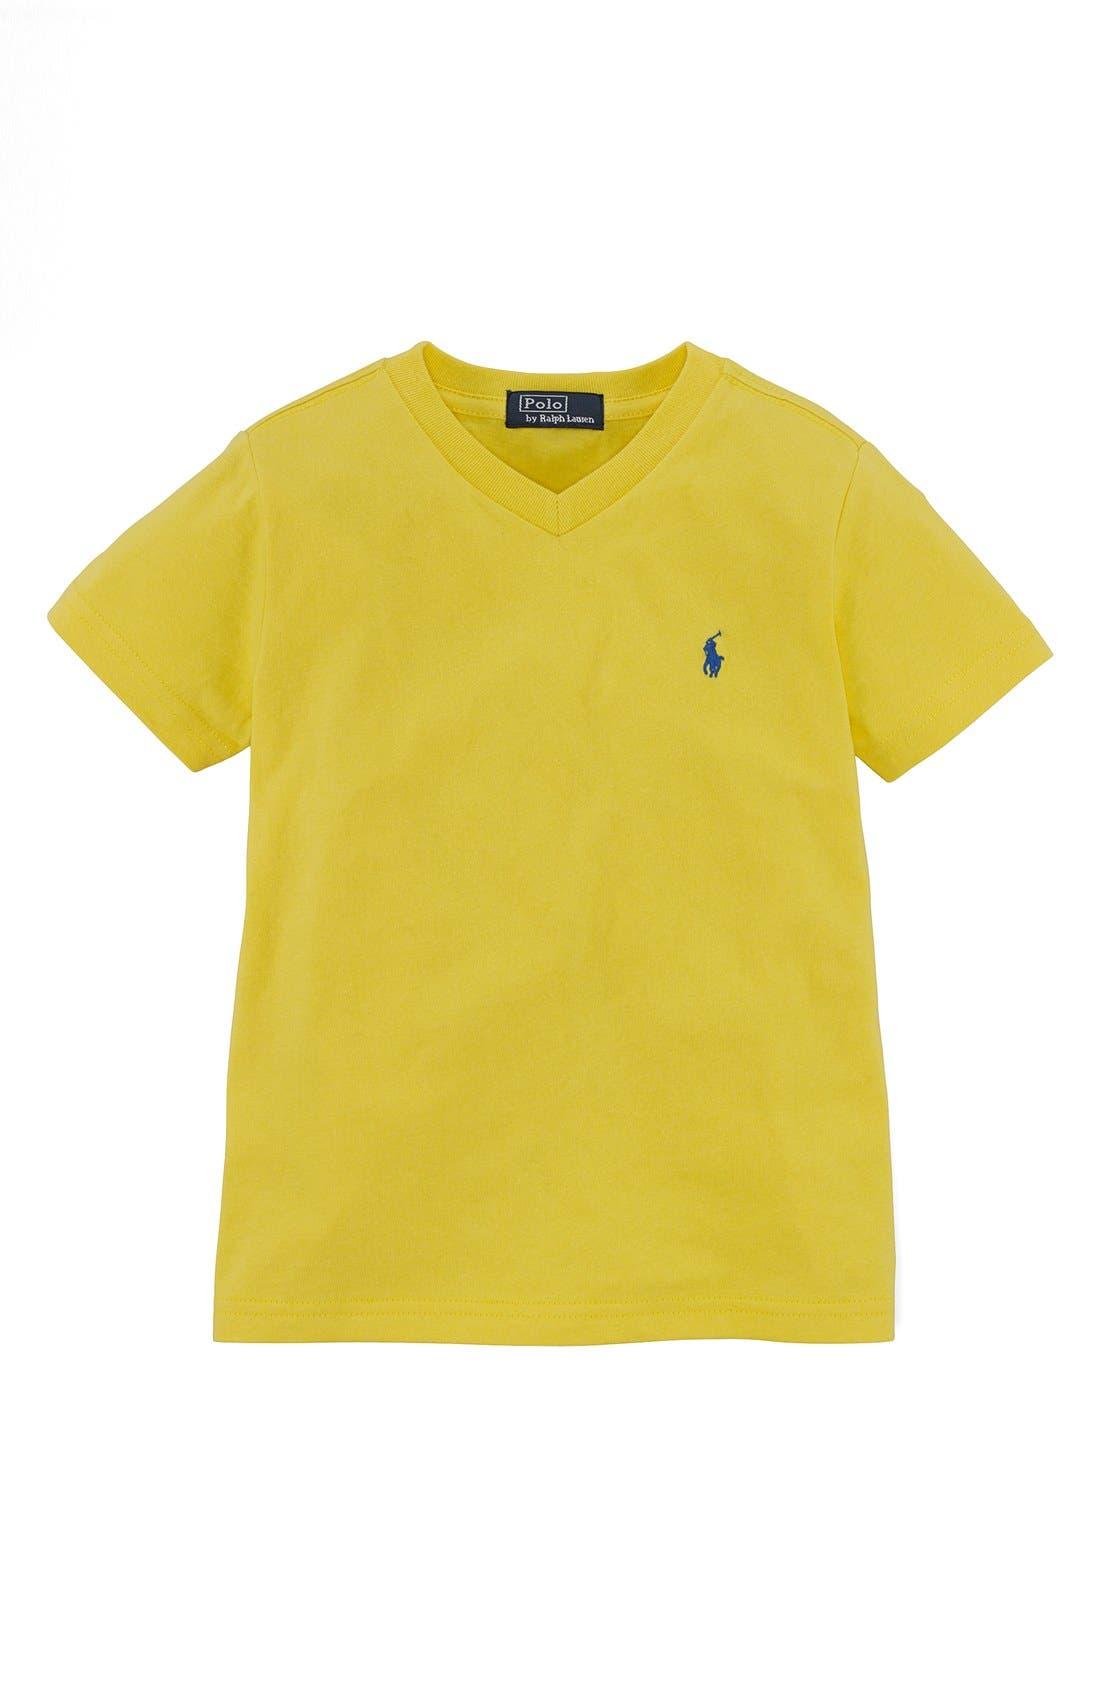 Main Image - Ralph Lauren V-Neck T-Shirt (Toddler Boys)